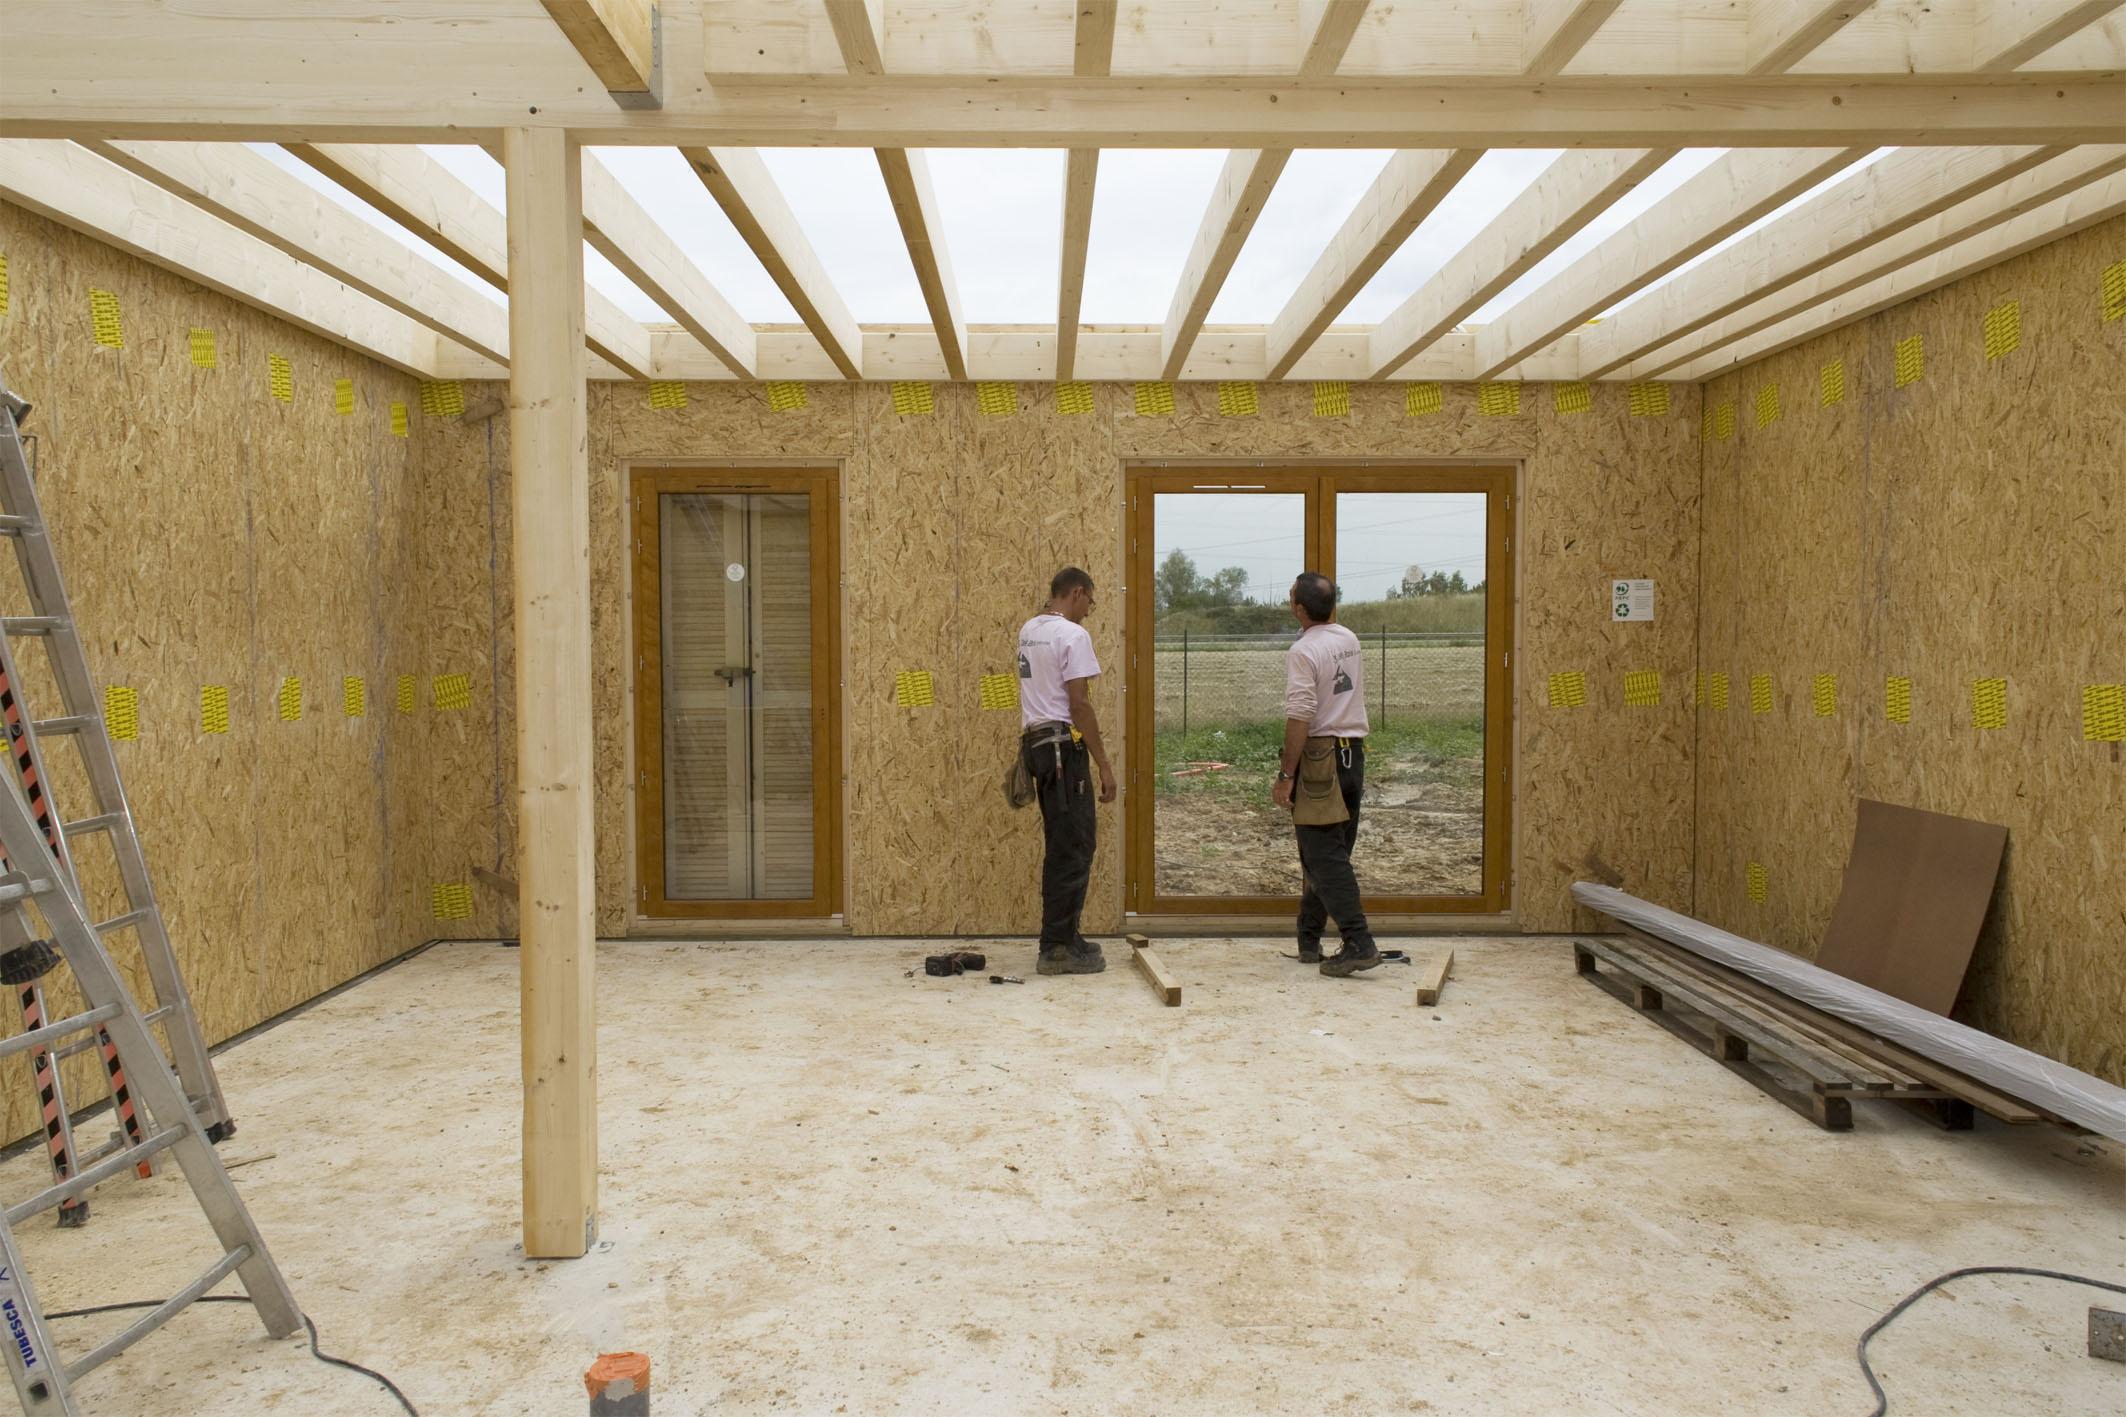 Vue interne sur deux ouvriers dans un bâtiment en construction